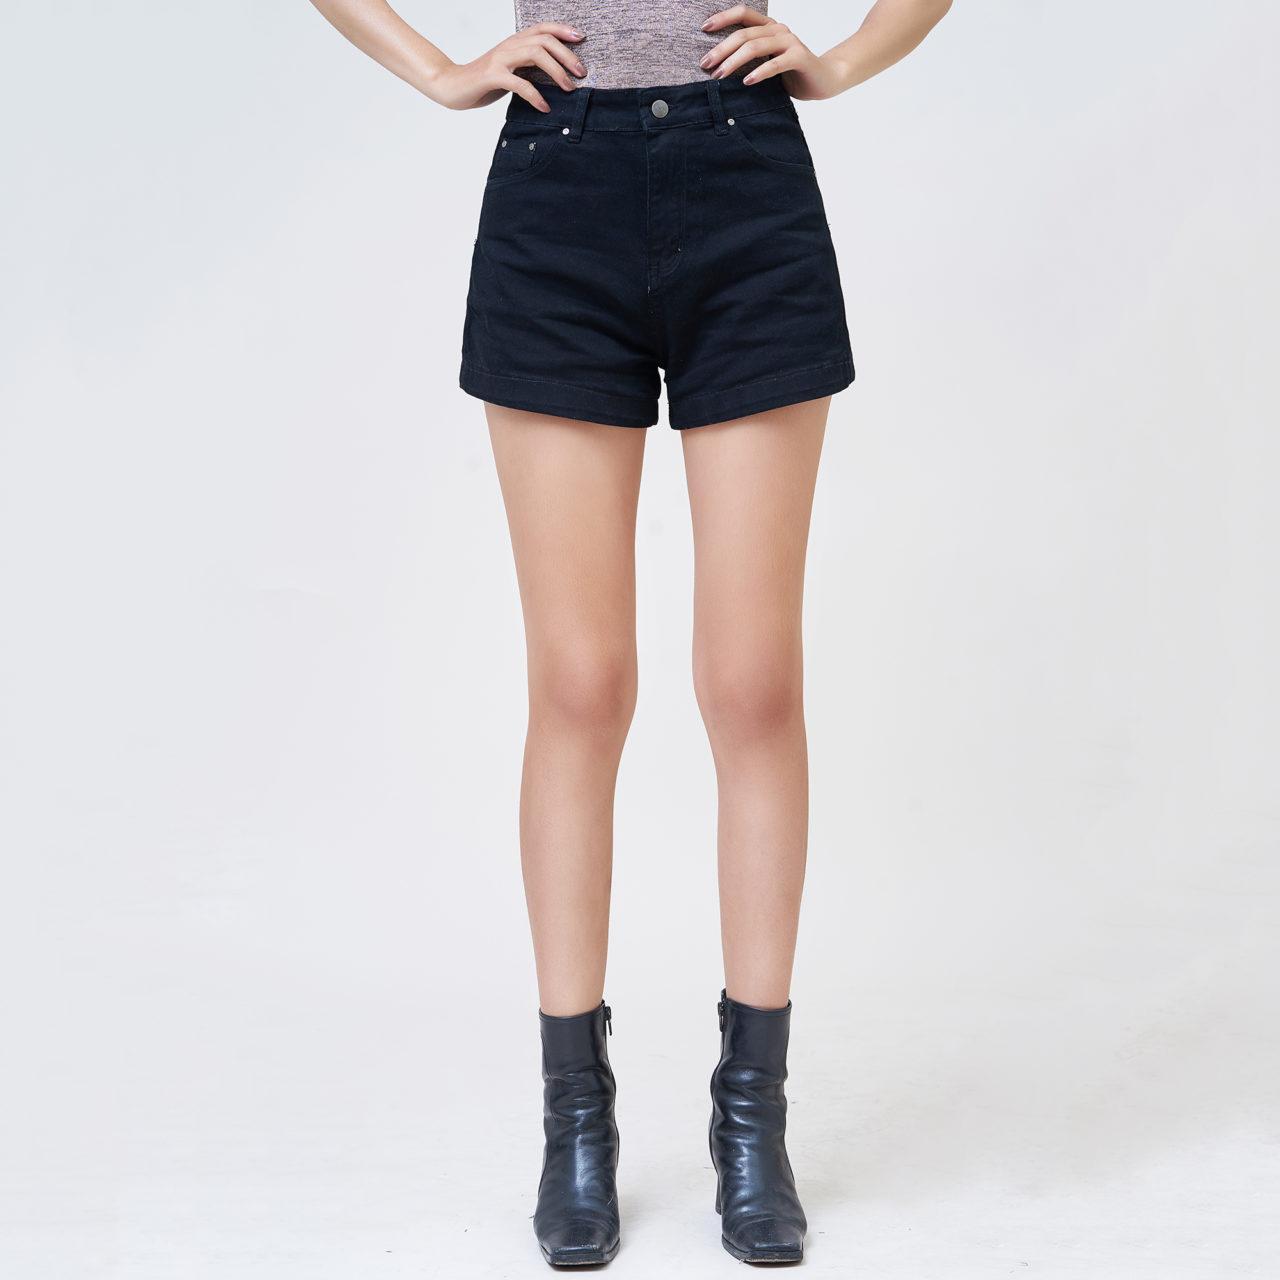 Quần Short Jean Nữ Lưng Cao Màu Đen Pha Tơ Nhân Tạo Chính Hãng